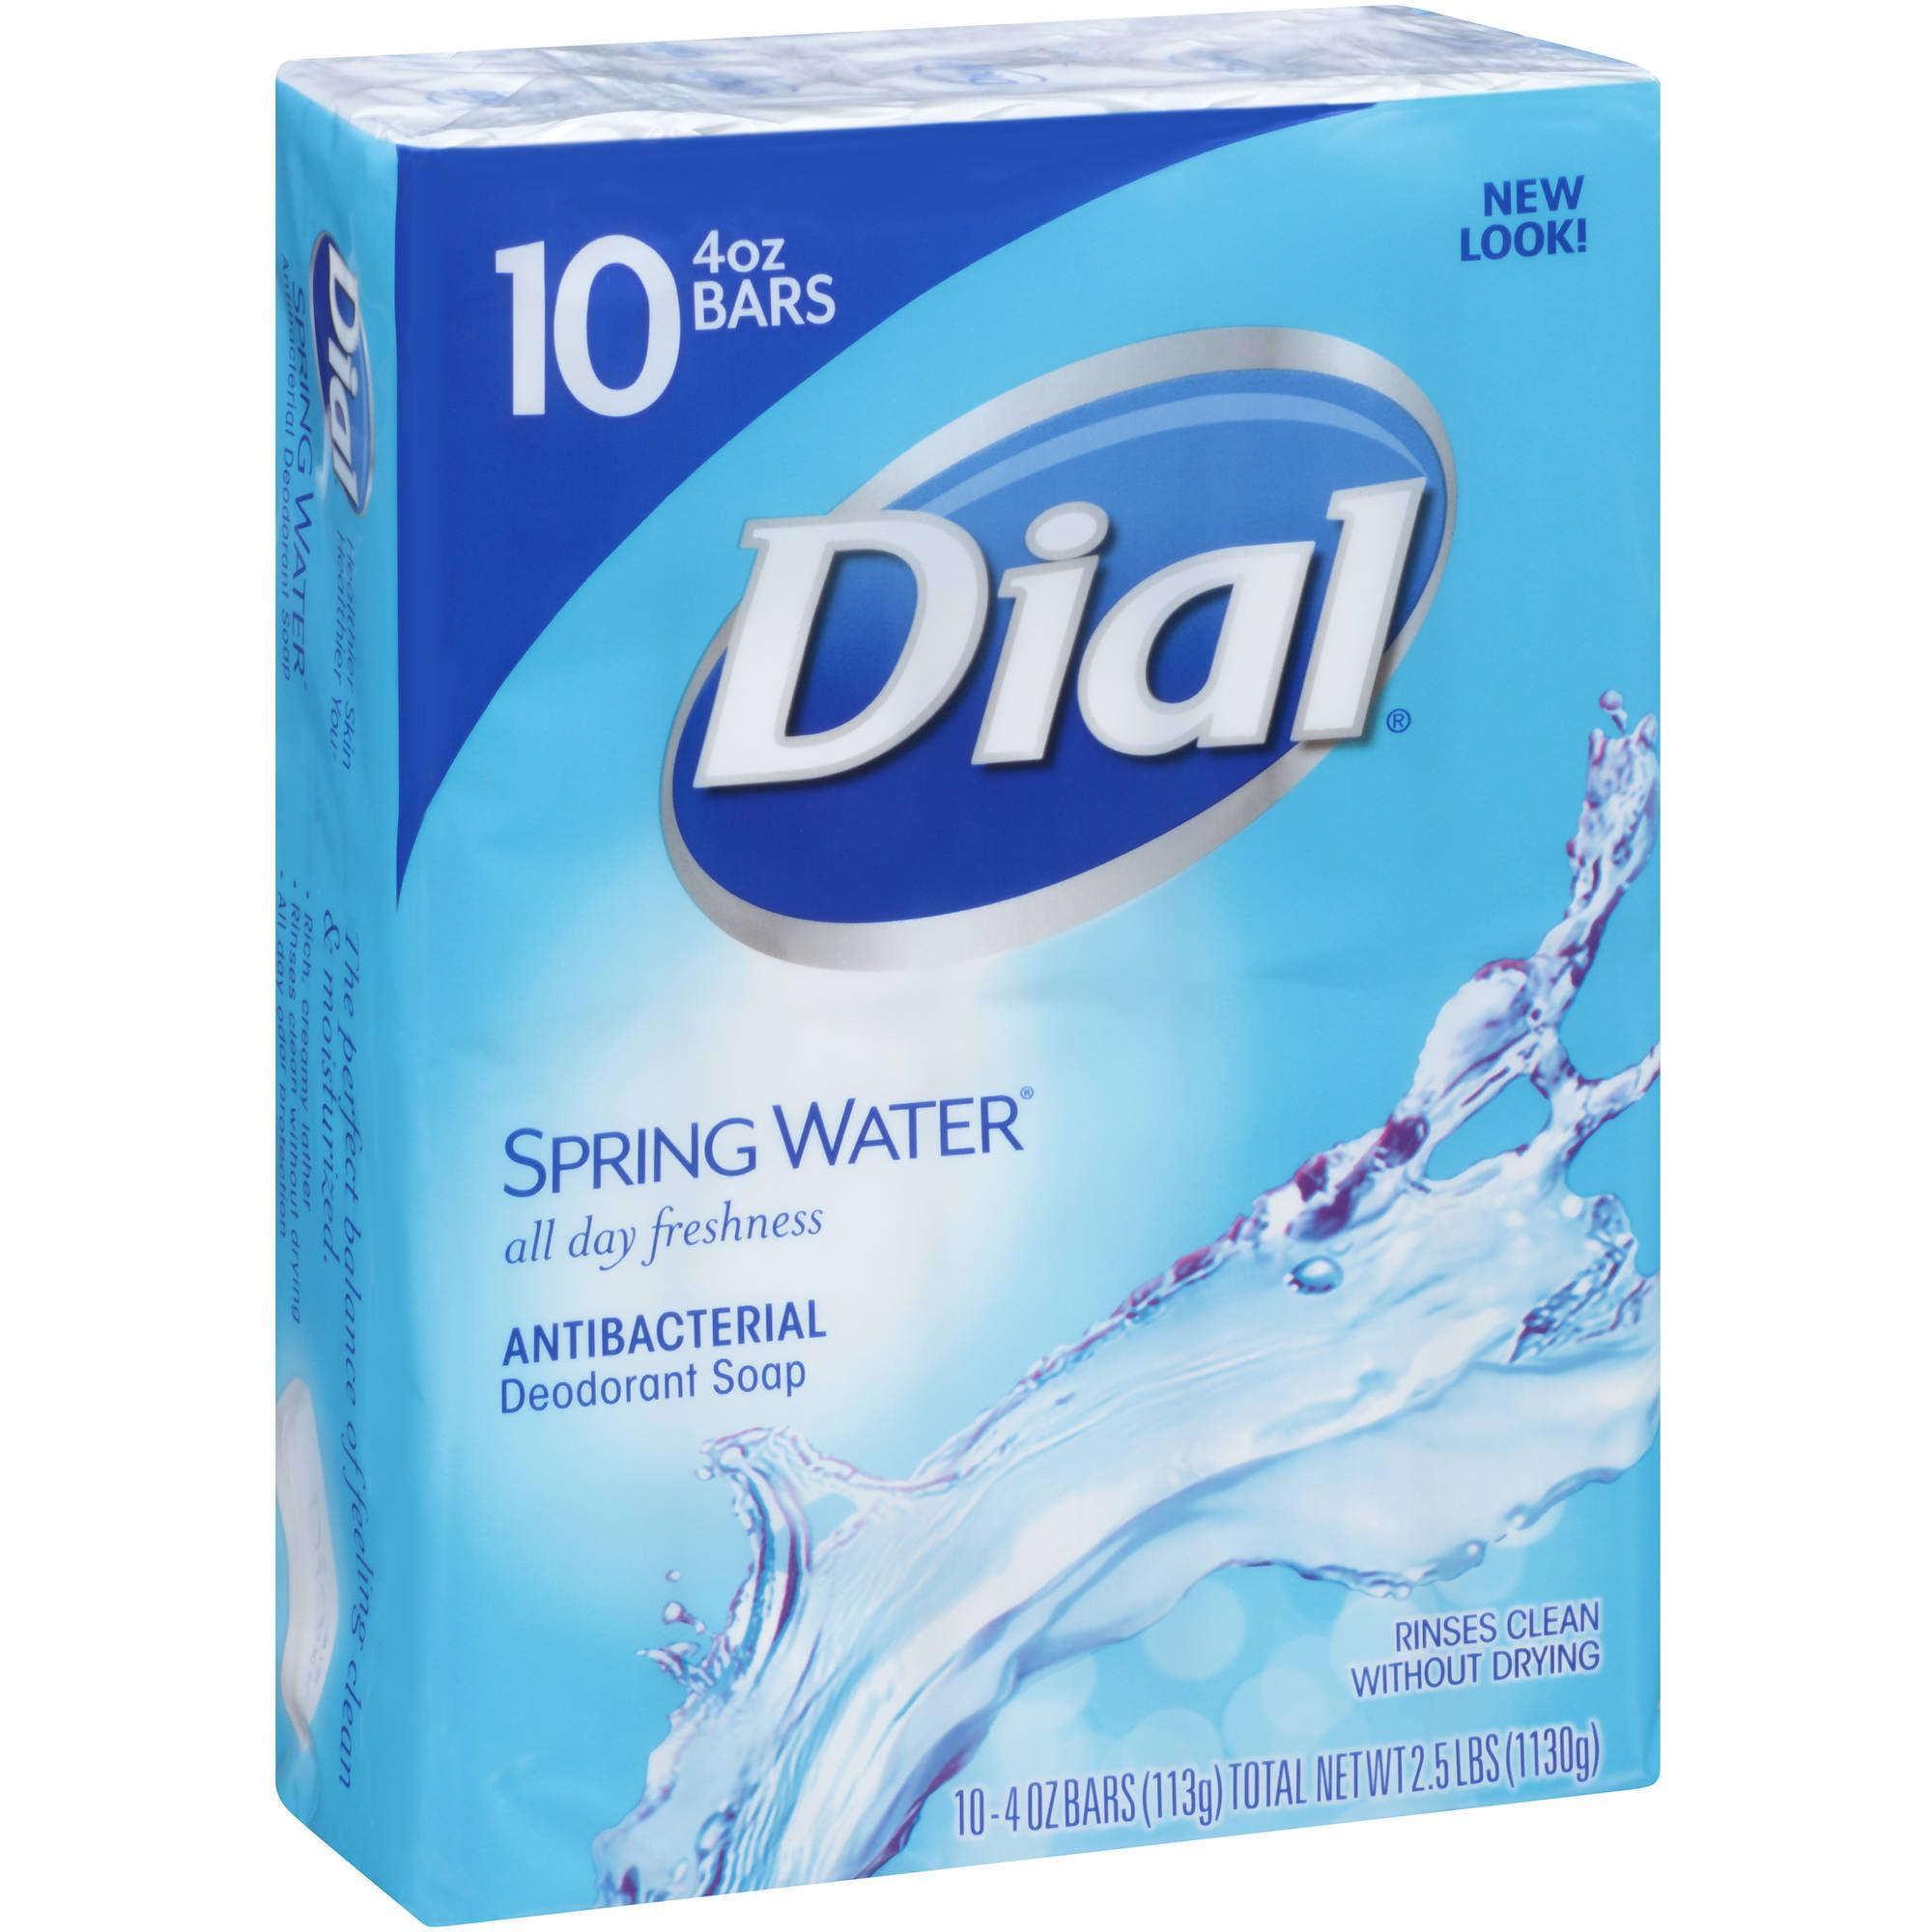 Dial Spring Water Antibacterial Deodorant Soap, 4 oz, 10 count